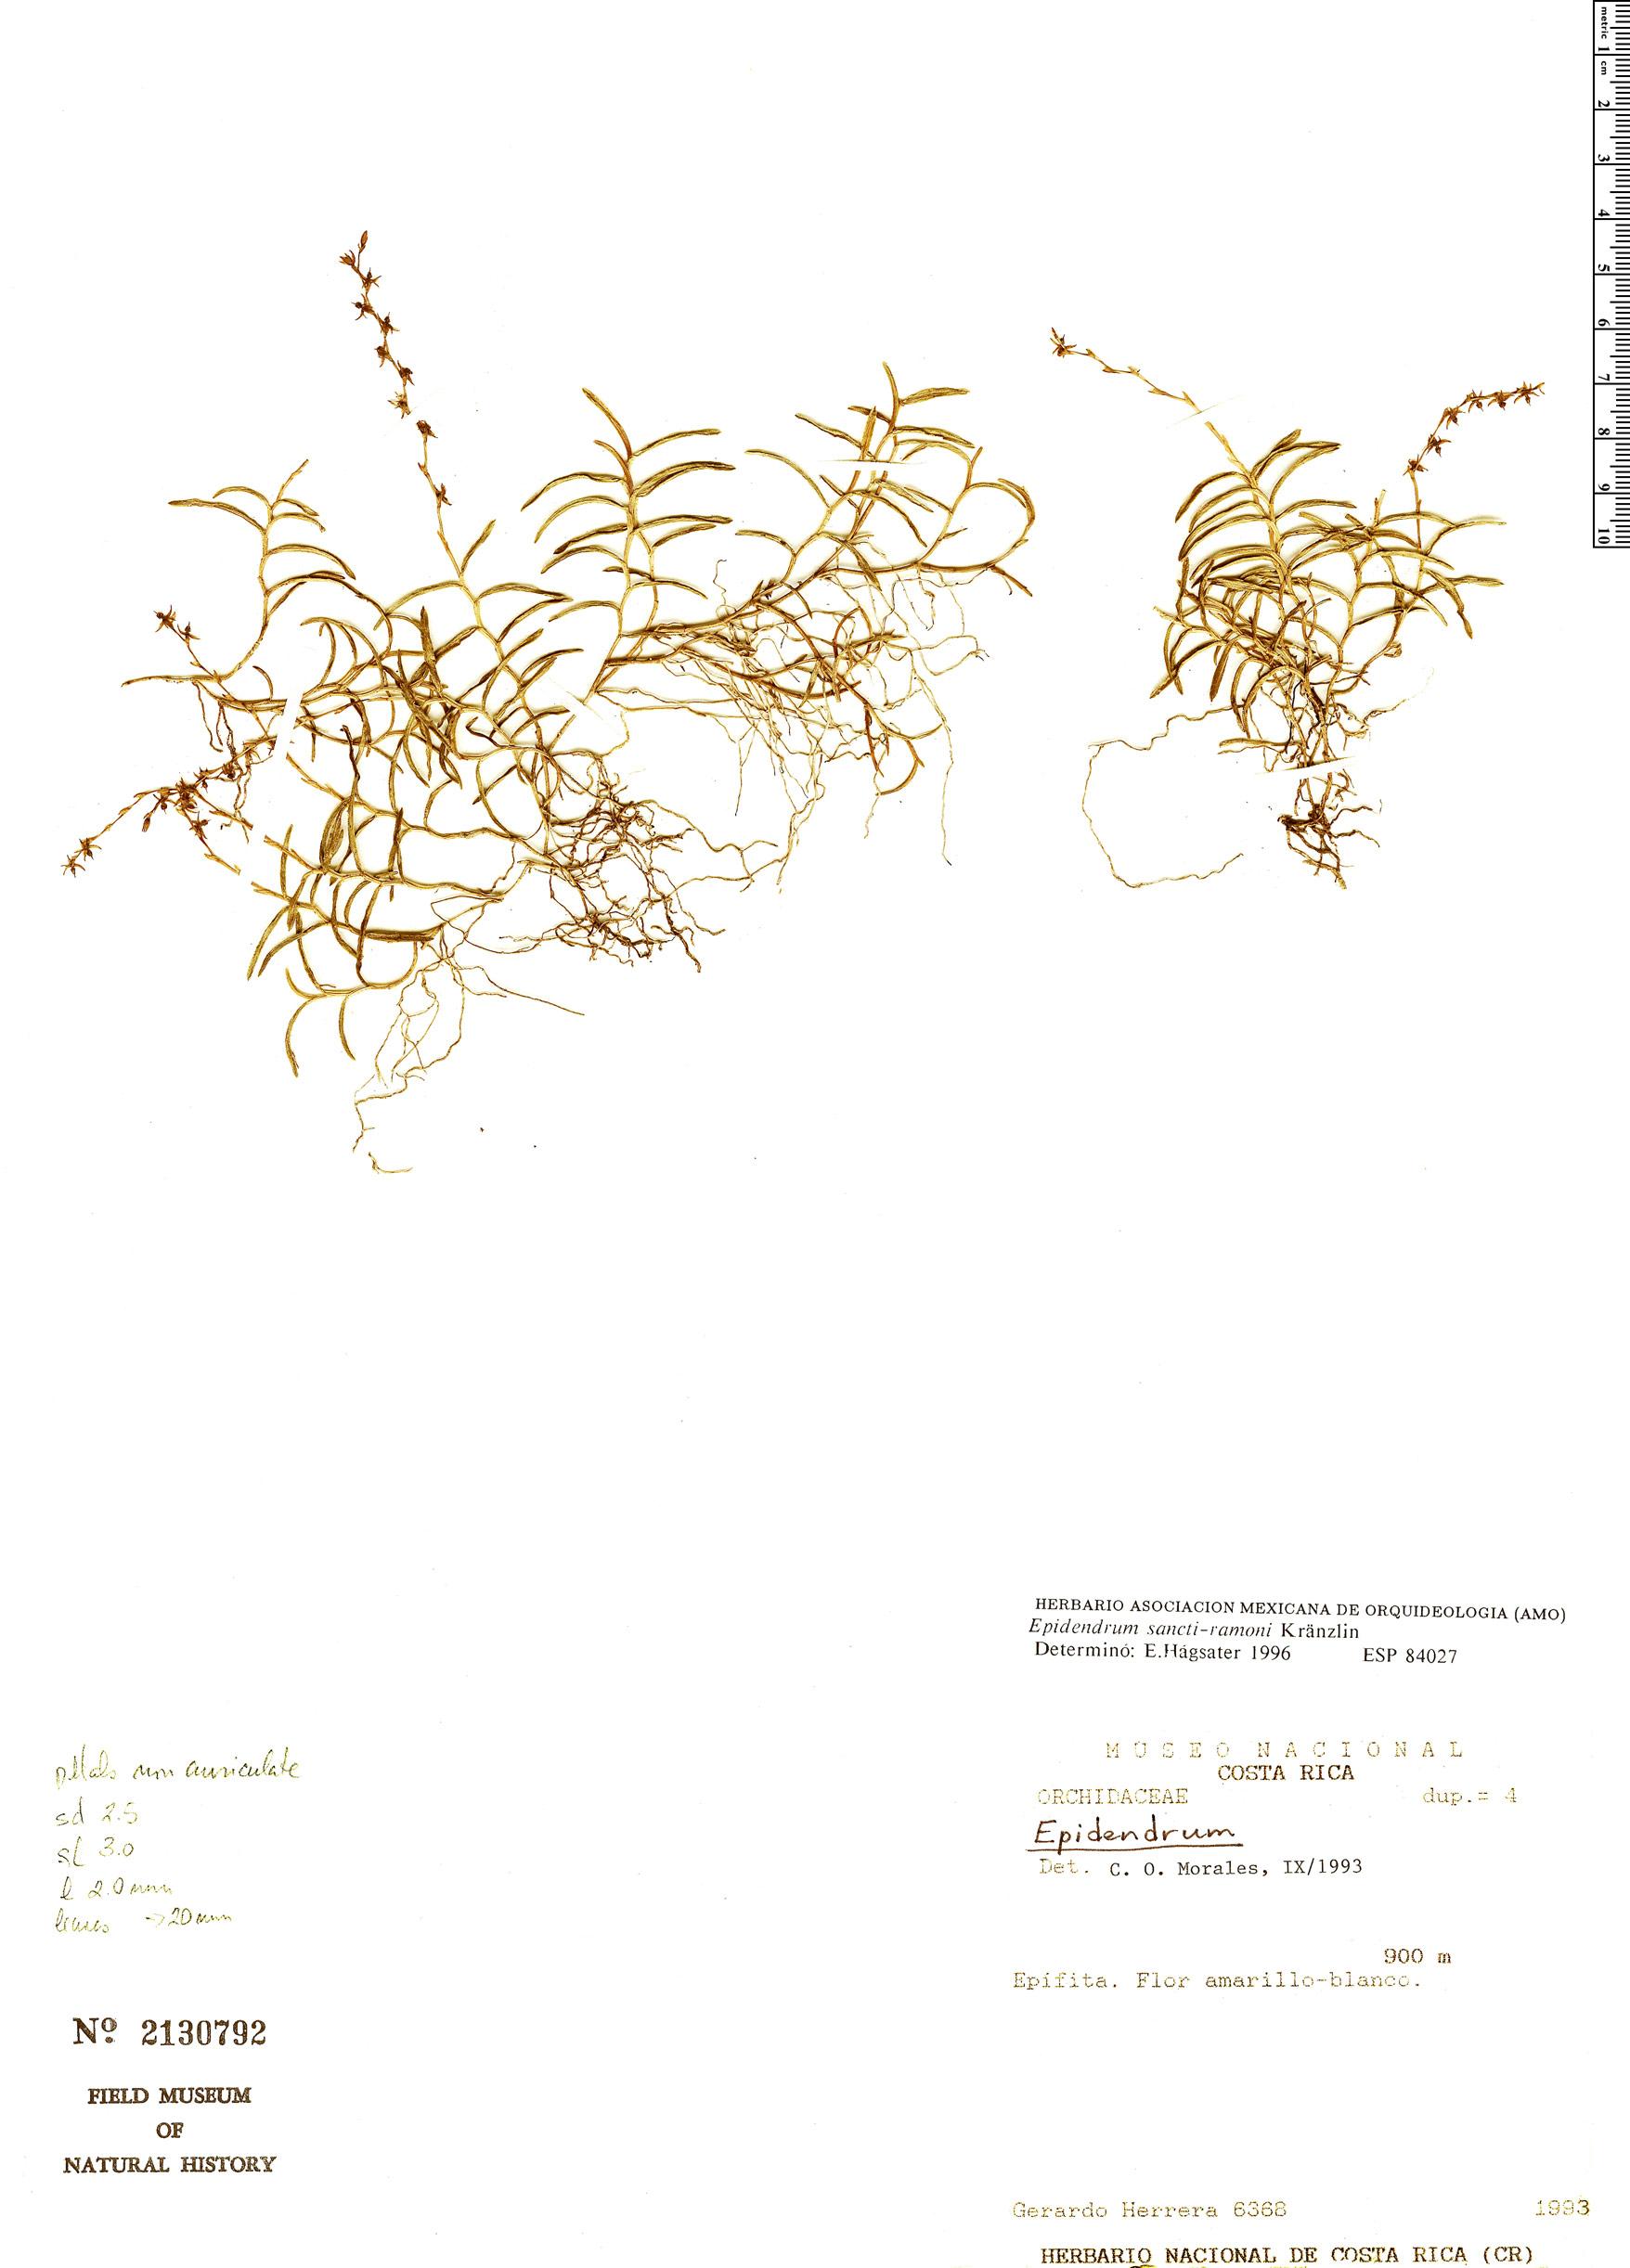 Specimen: Epidendrum sancti-ramoni